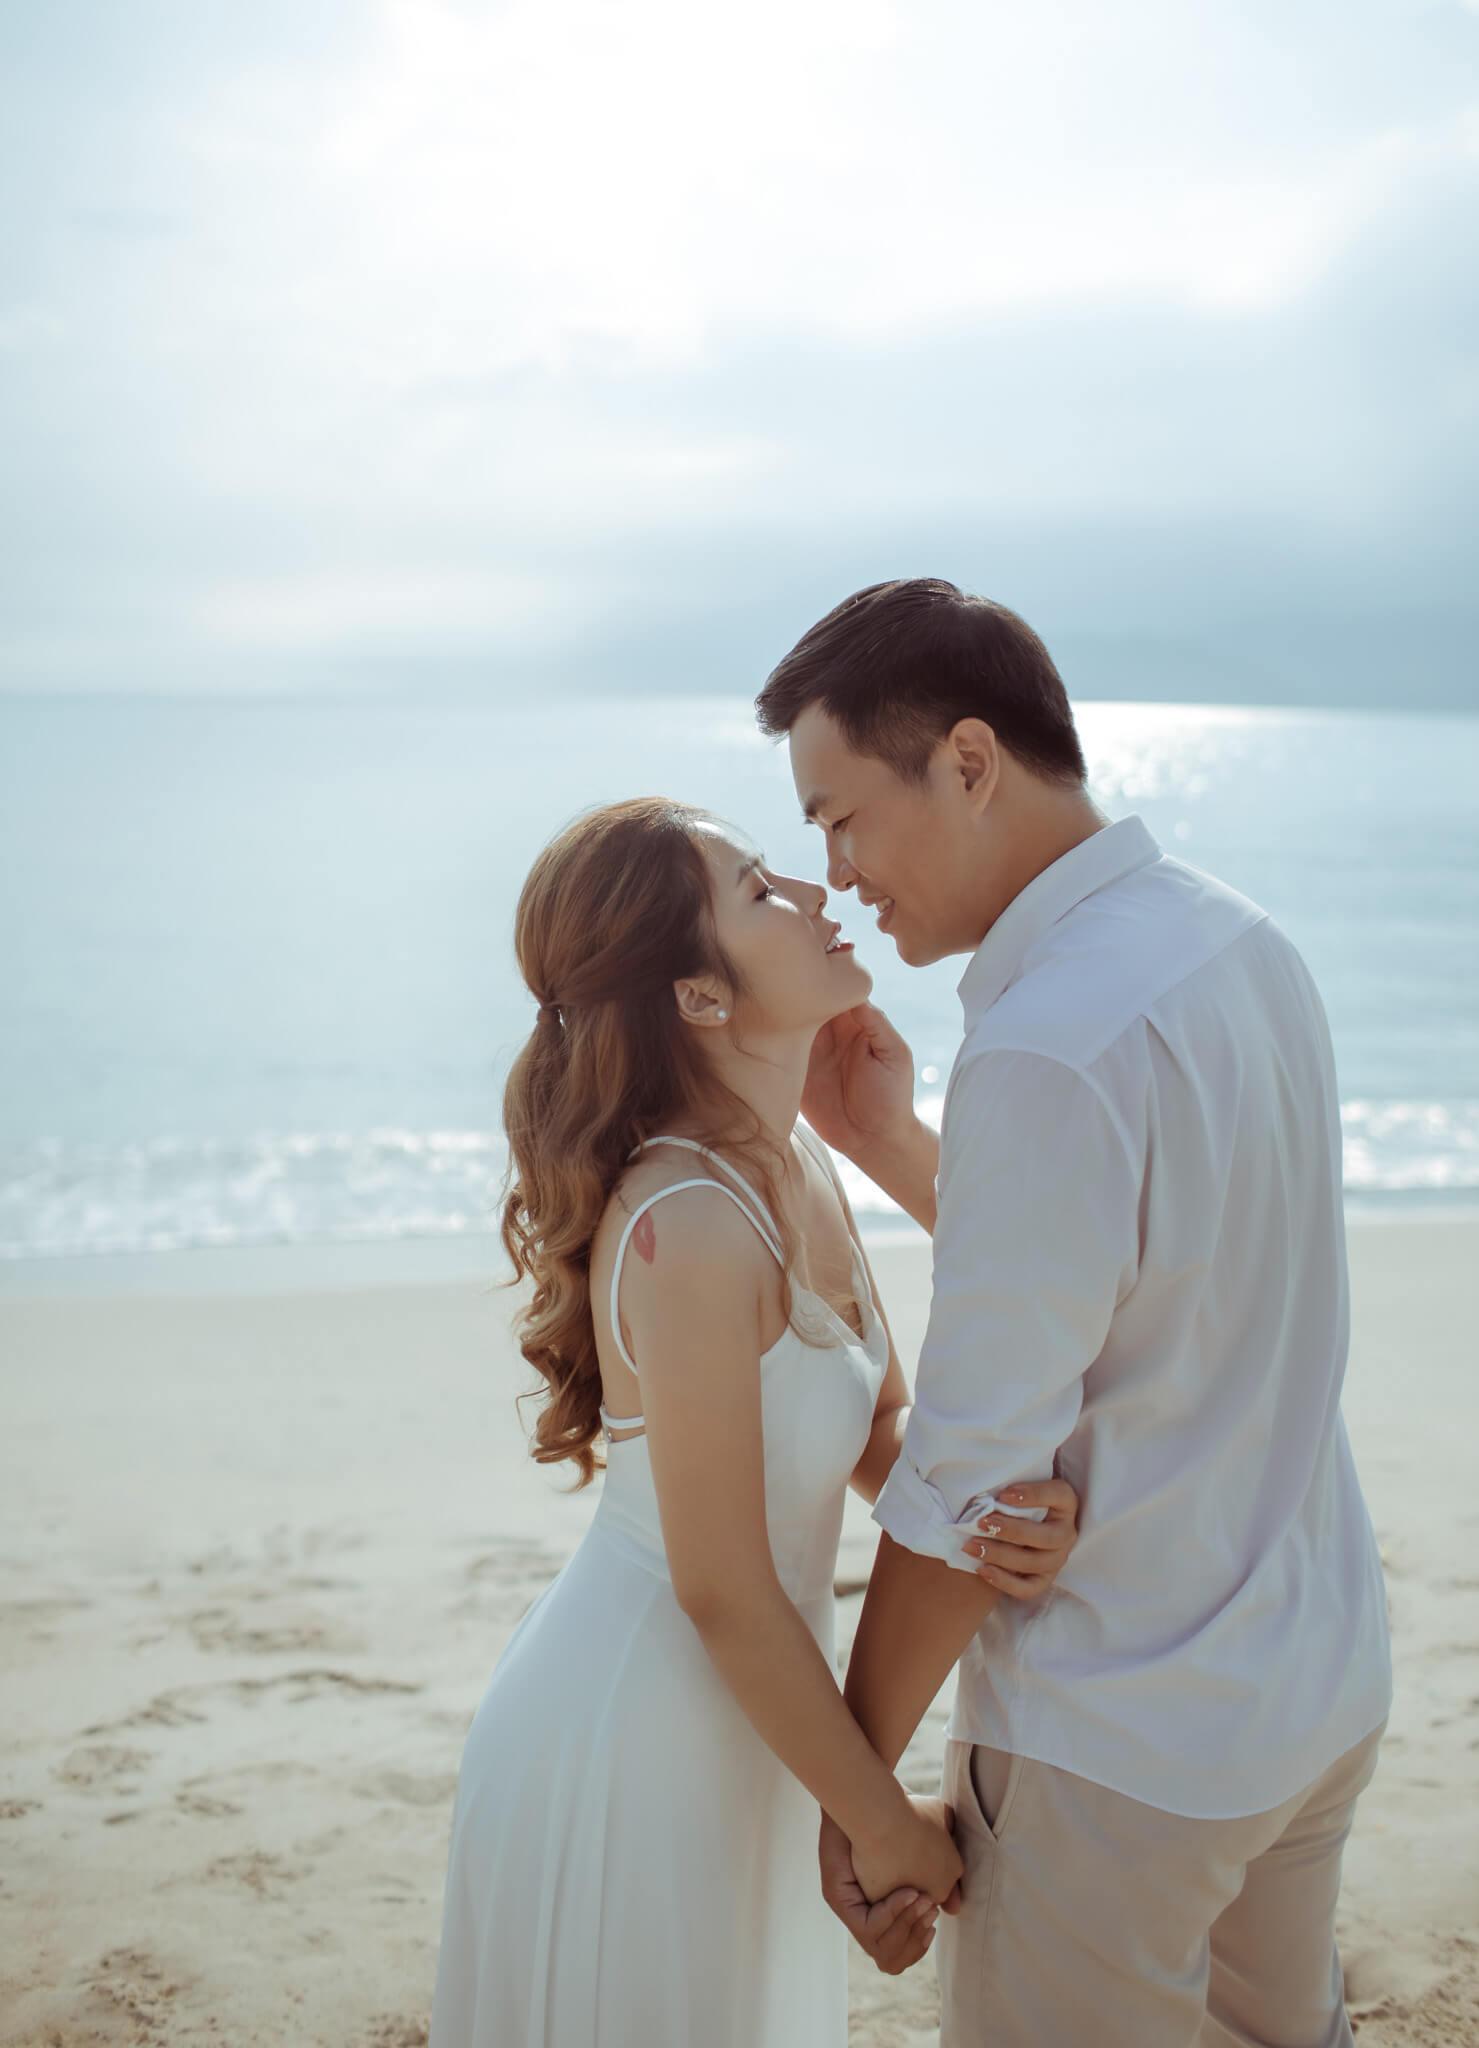 Chụp ảnh cưới Nha Trang tại Six Sense, Chụp ảnh cưới Nha Trang, ảnh cưới Nha Trang tại Six Sense, ảnh cưới Nha Trang